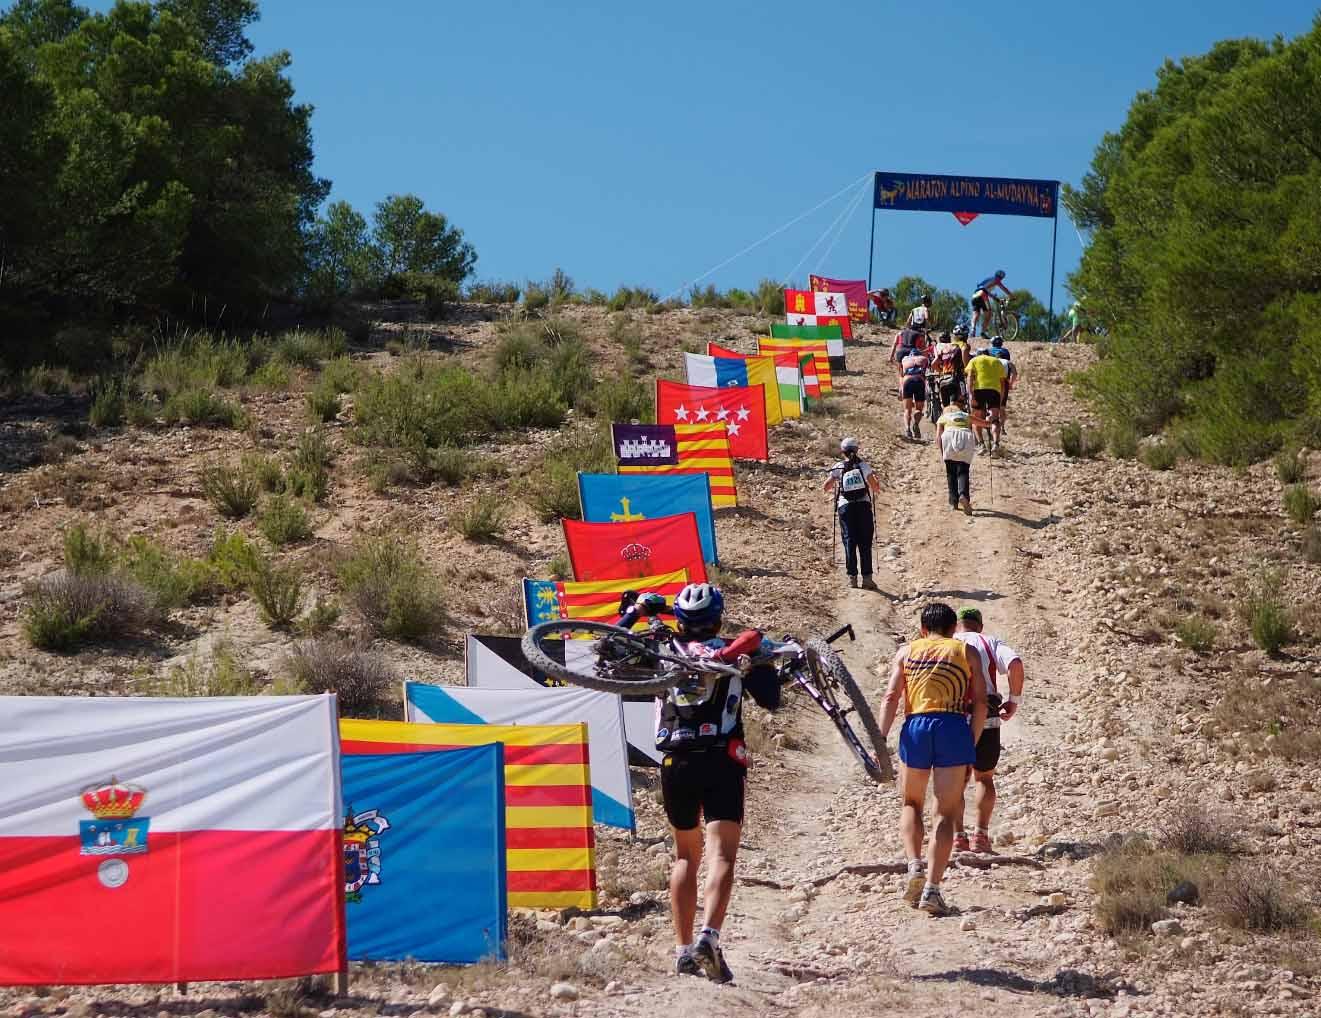 La organización del VIII Maratón Alpino Al-Mudayna amplía 200 plazas tras alcanzar las 1000 inscripciones